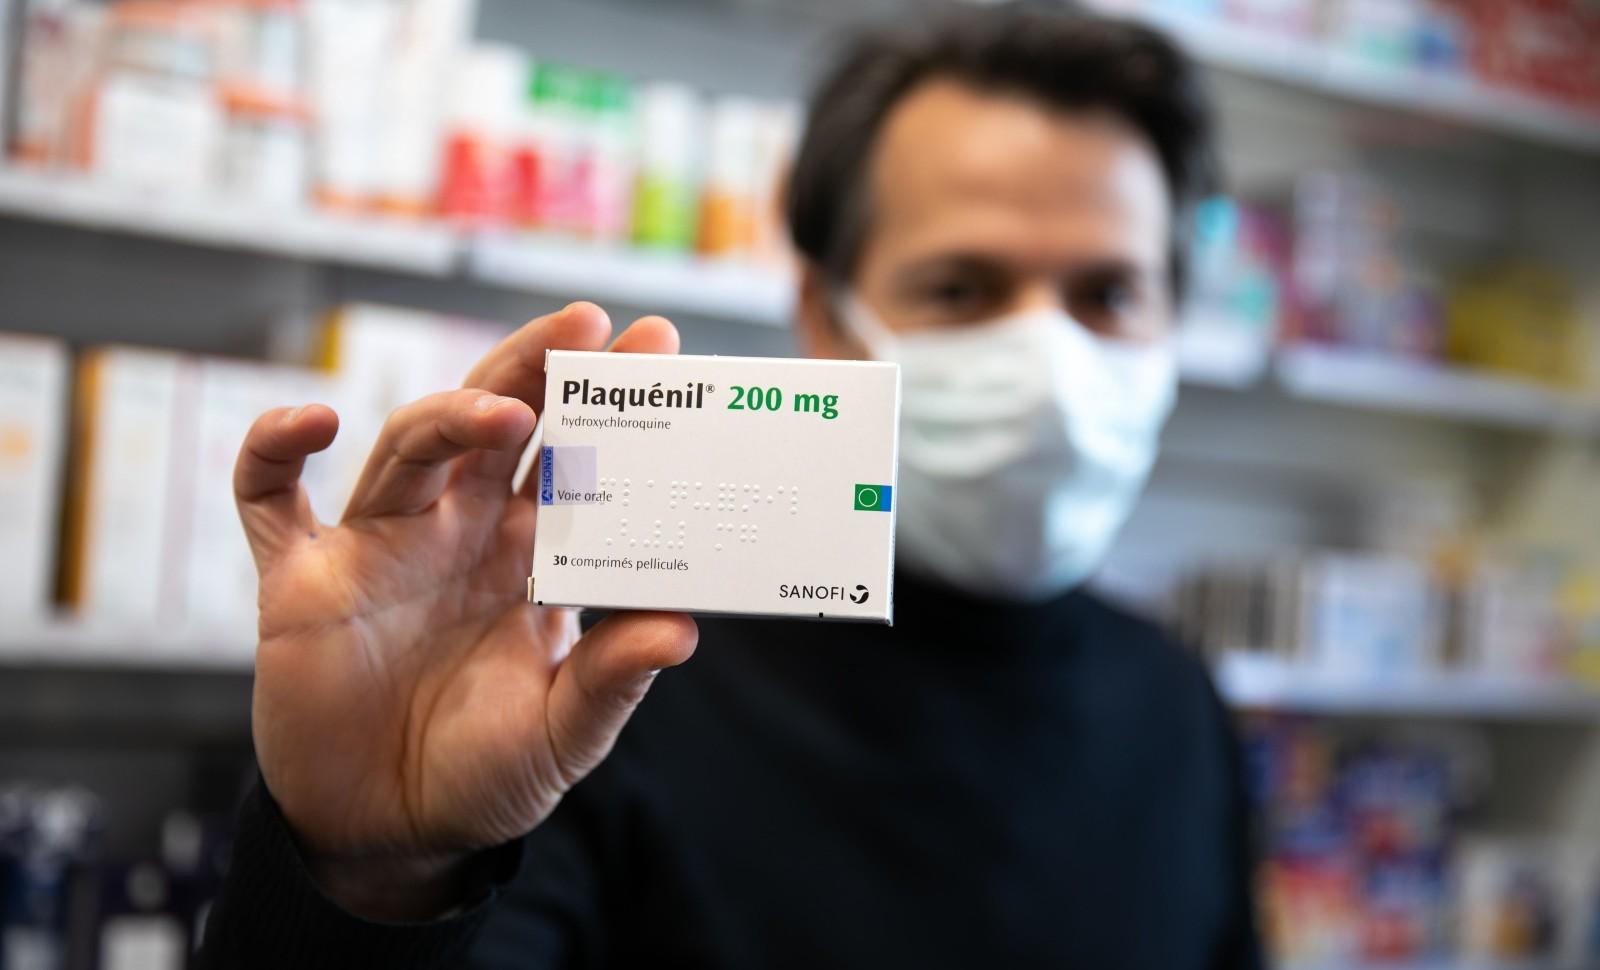 La chloroquine, ou hydroxychloroquine, contenue dans les medicaments comme la Nivaquine ou Plaquenil (notre photo) divise les medecins et les politiques apres des tests prometteurs dans le traitement du coronavirus. © ROMUALD MEIGNEUX/SIPA Numéro de reportage: 00951798_000001